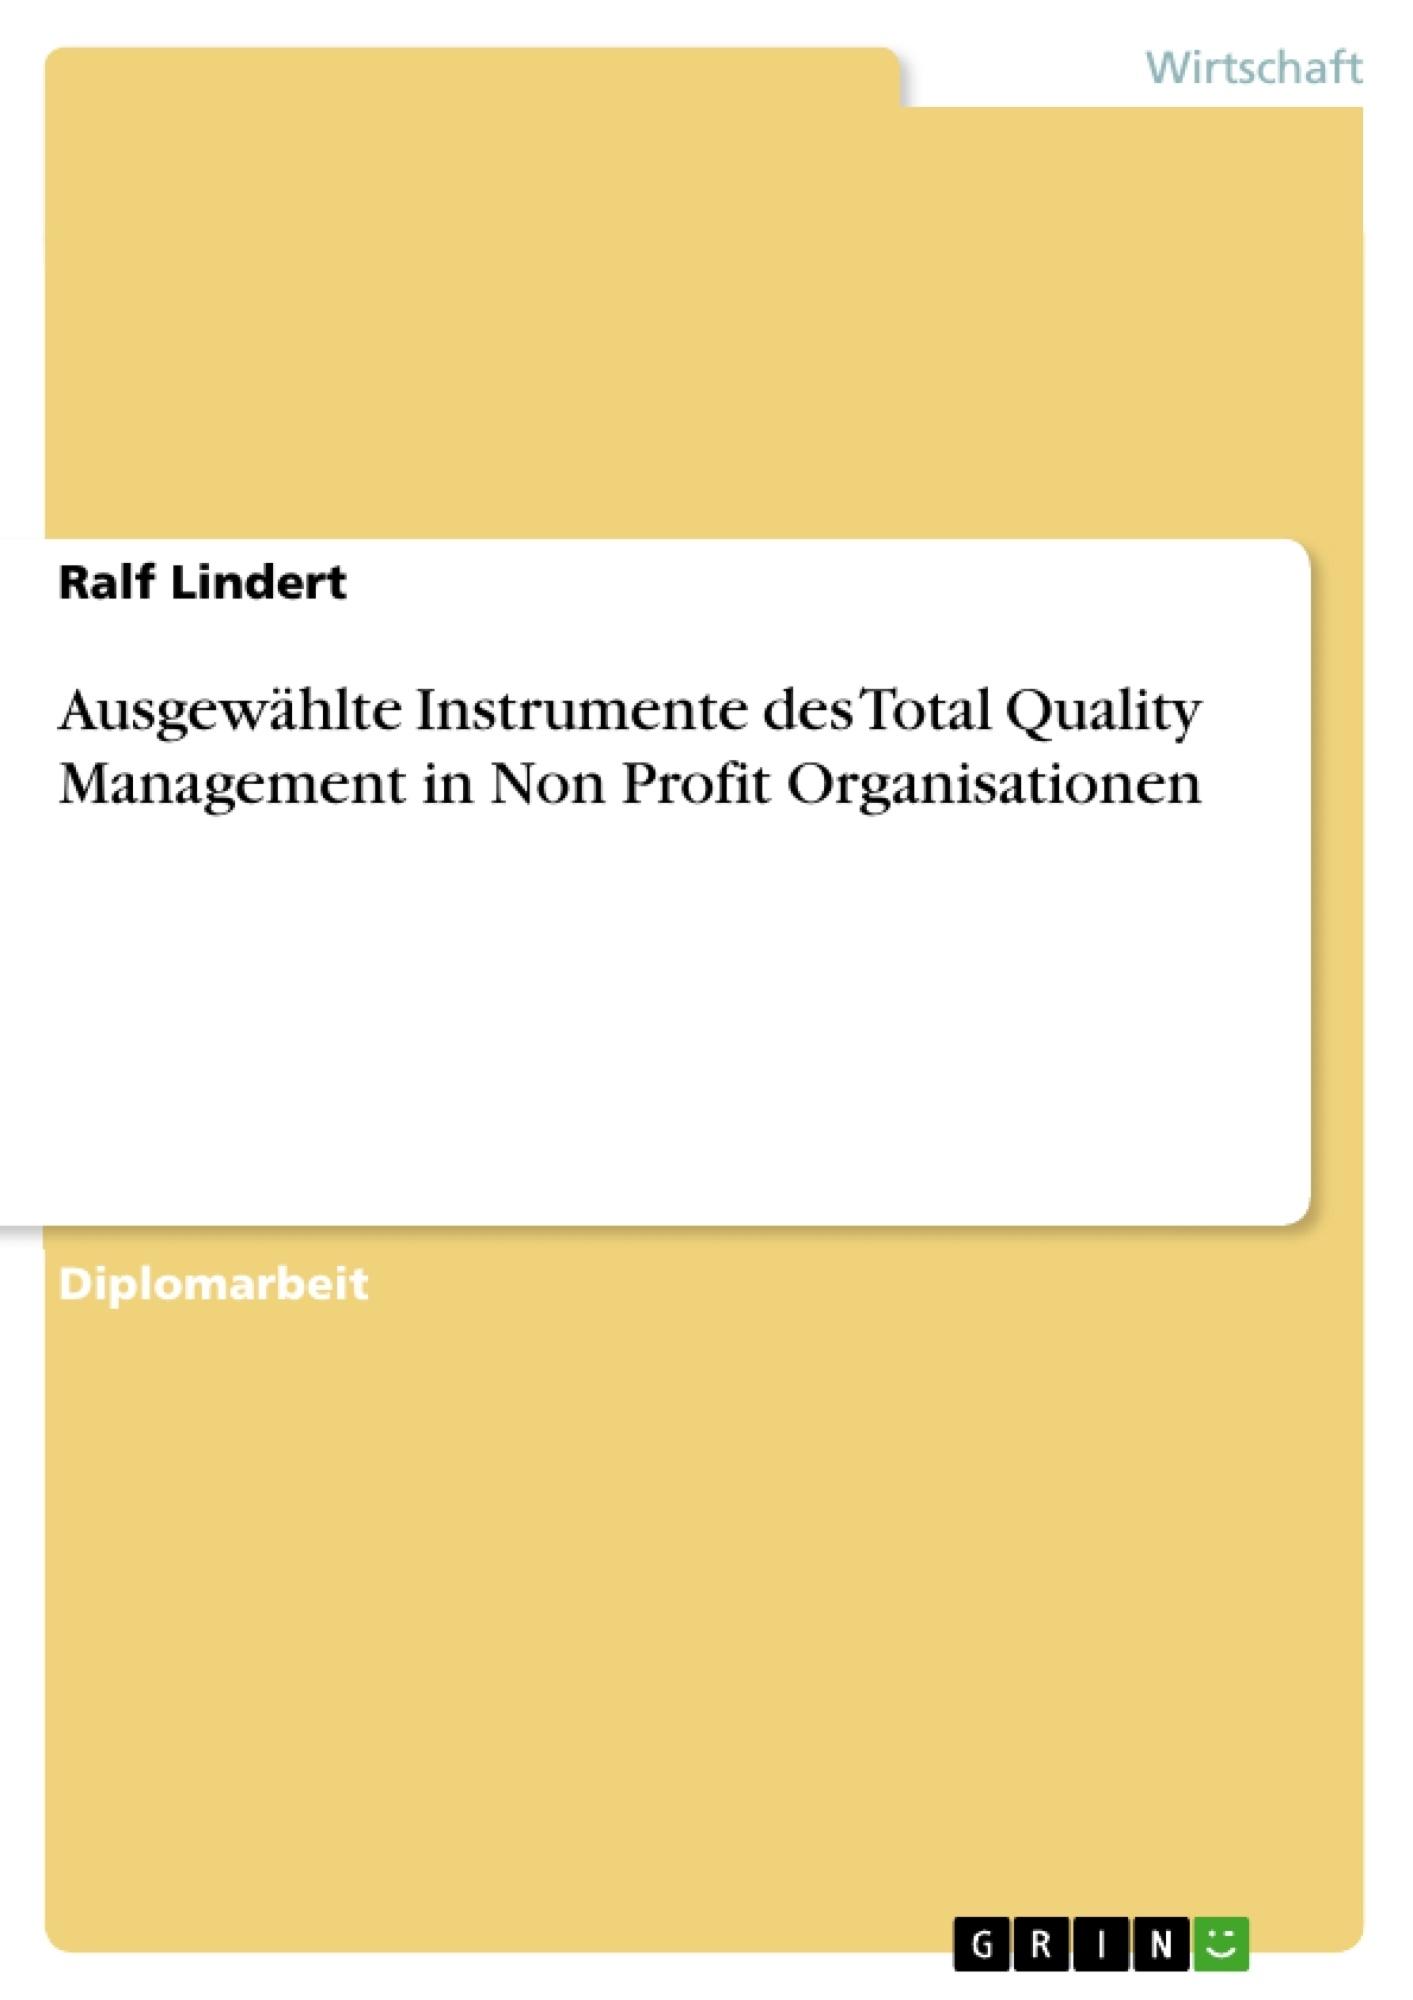 Titel: Ausgewählte Instrumente des Total Quality Management in Non Profit Organisationen